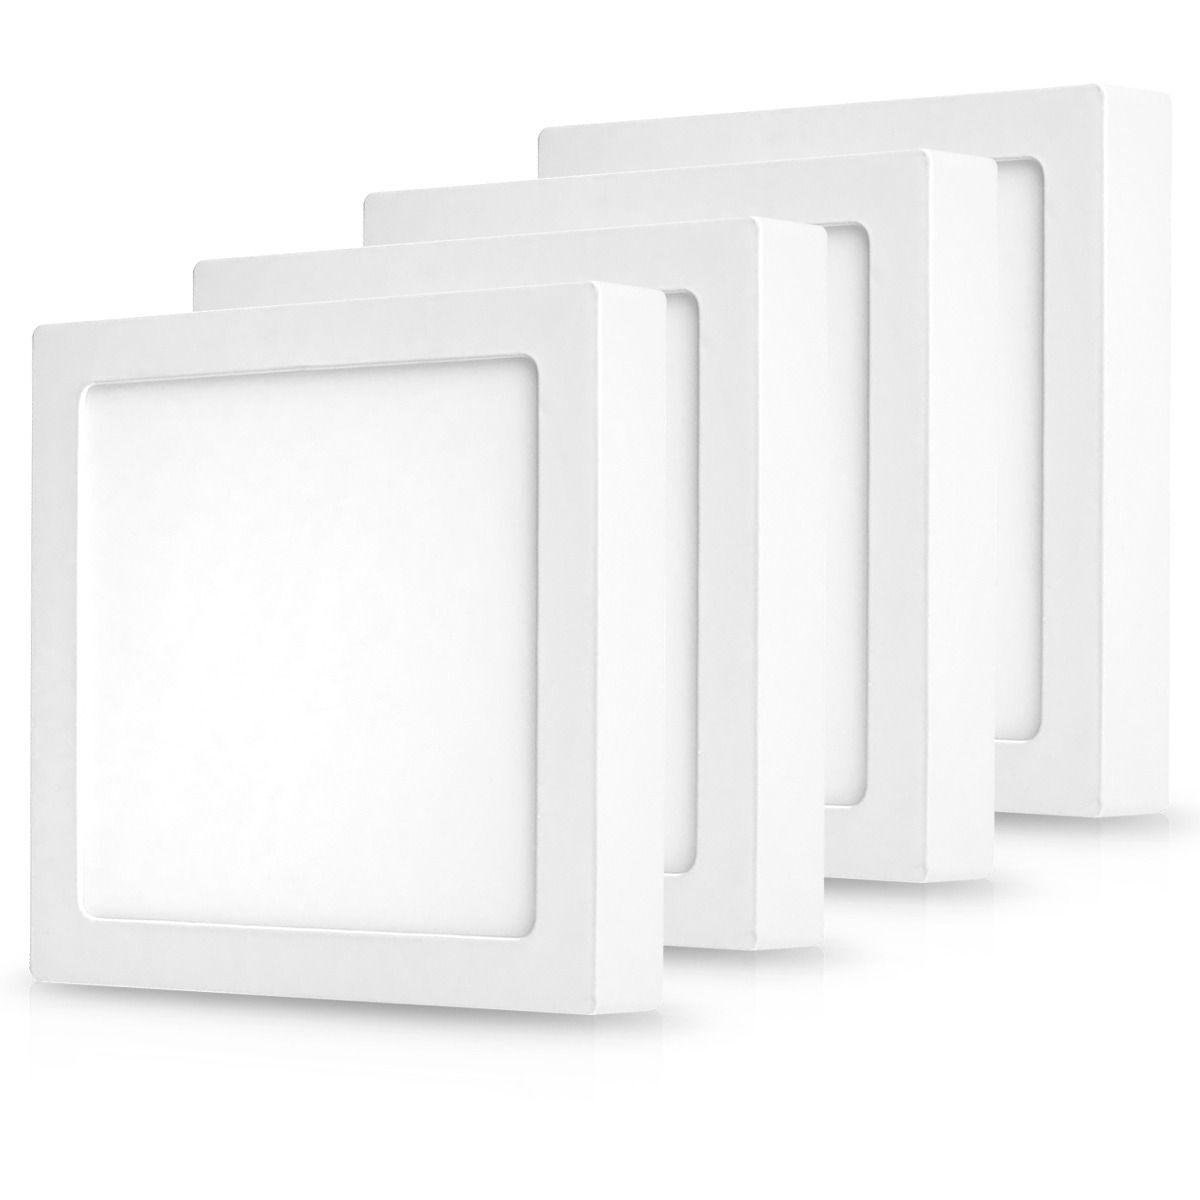 Luminária Painel Plafon Led Quadrado Sobrepor 24W luz quente 3000k